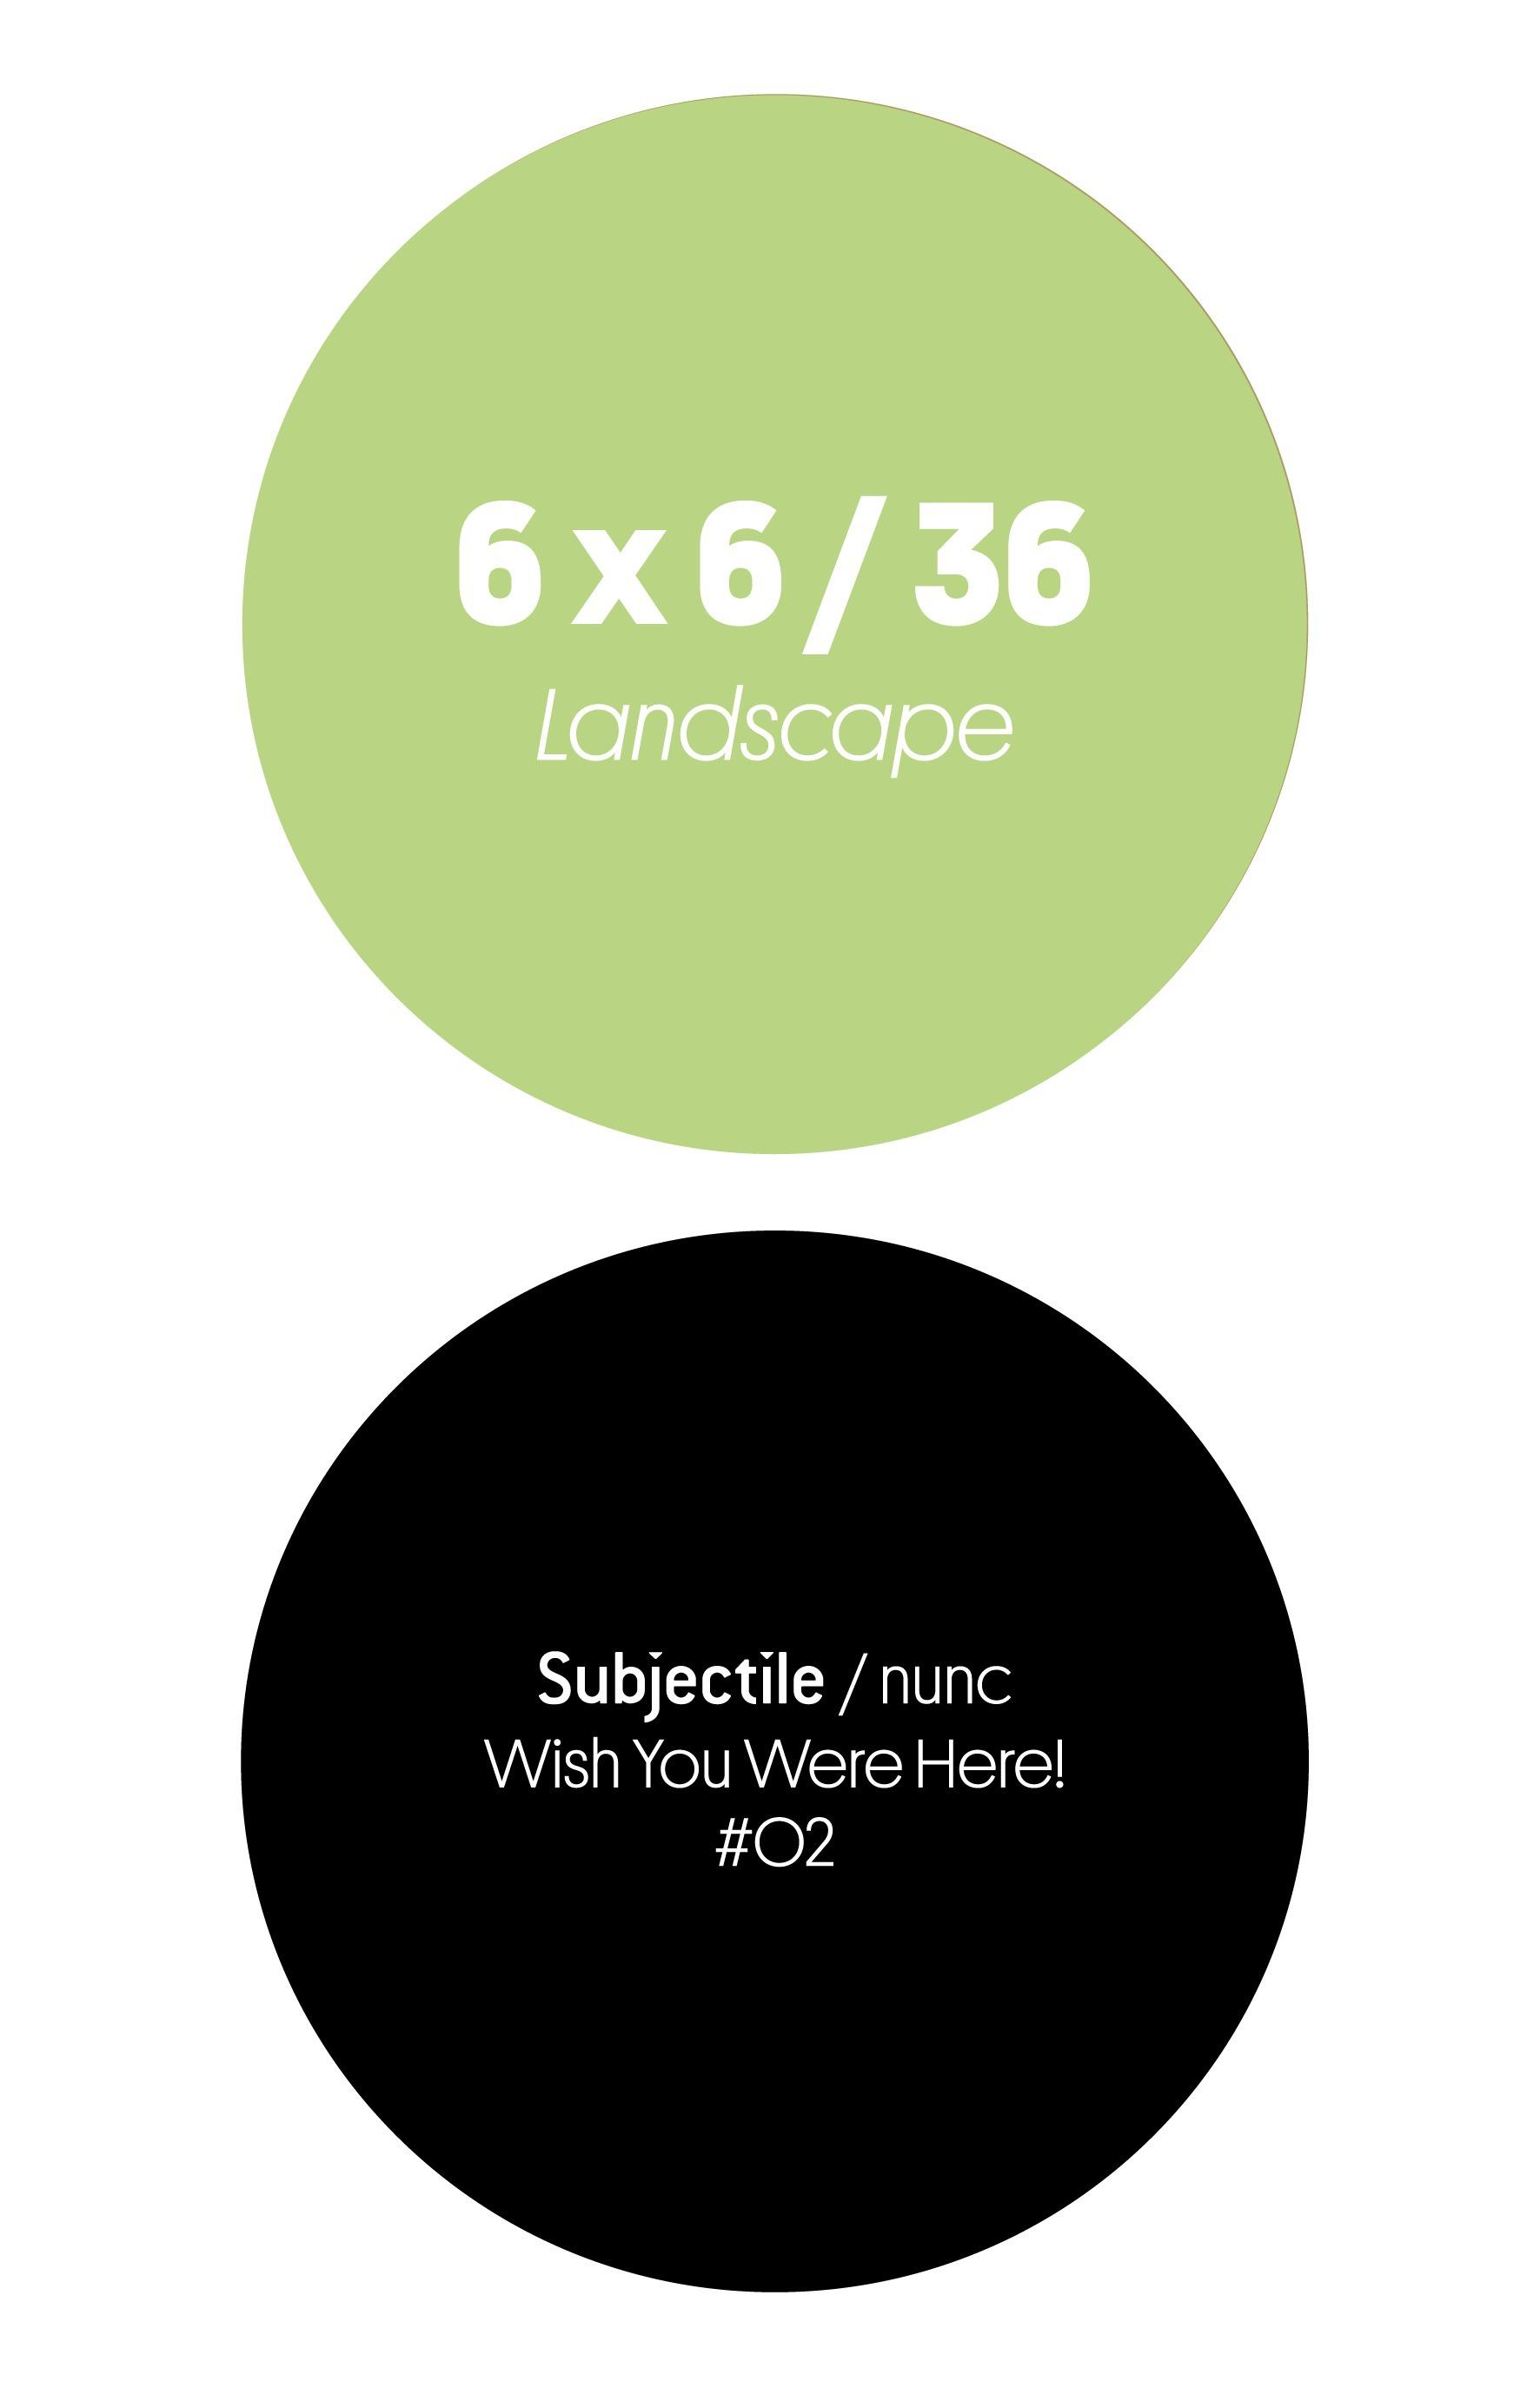 6 x 6 / 36 ; landscape